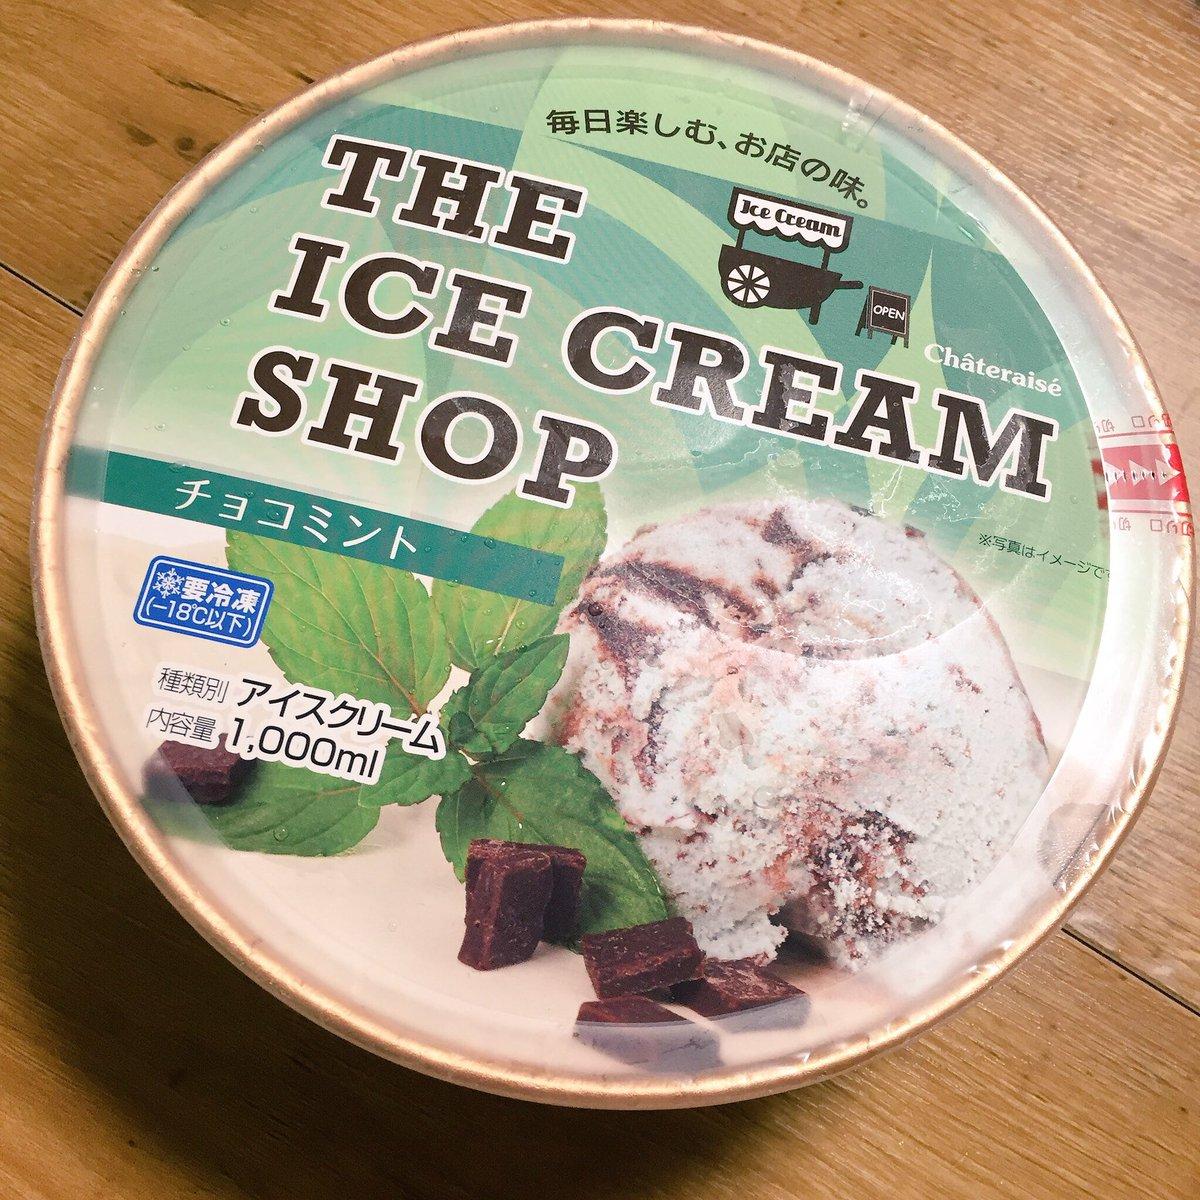 「チョコクリームが入ってるチョコミントなんて知らない!」という方、シャトレーゼのチョコミントアイスがオススメです。爽やかなミントアイスと共に、濃厚で柔らかなチョコクリームが口の中で優しくとろけます。 https://t.co/czWnDCsjqc